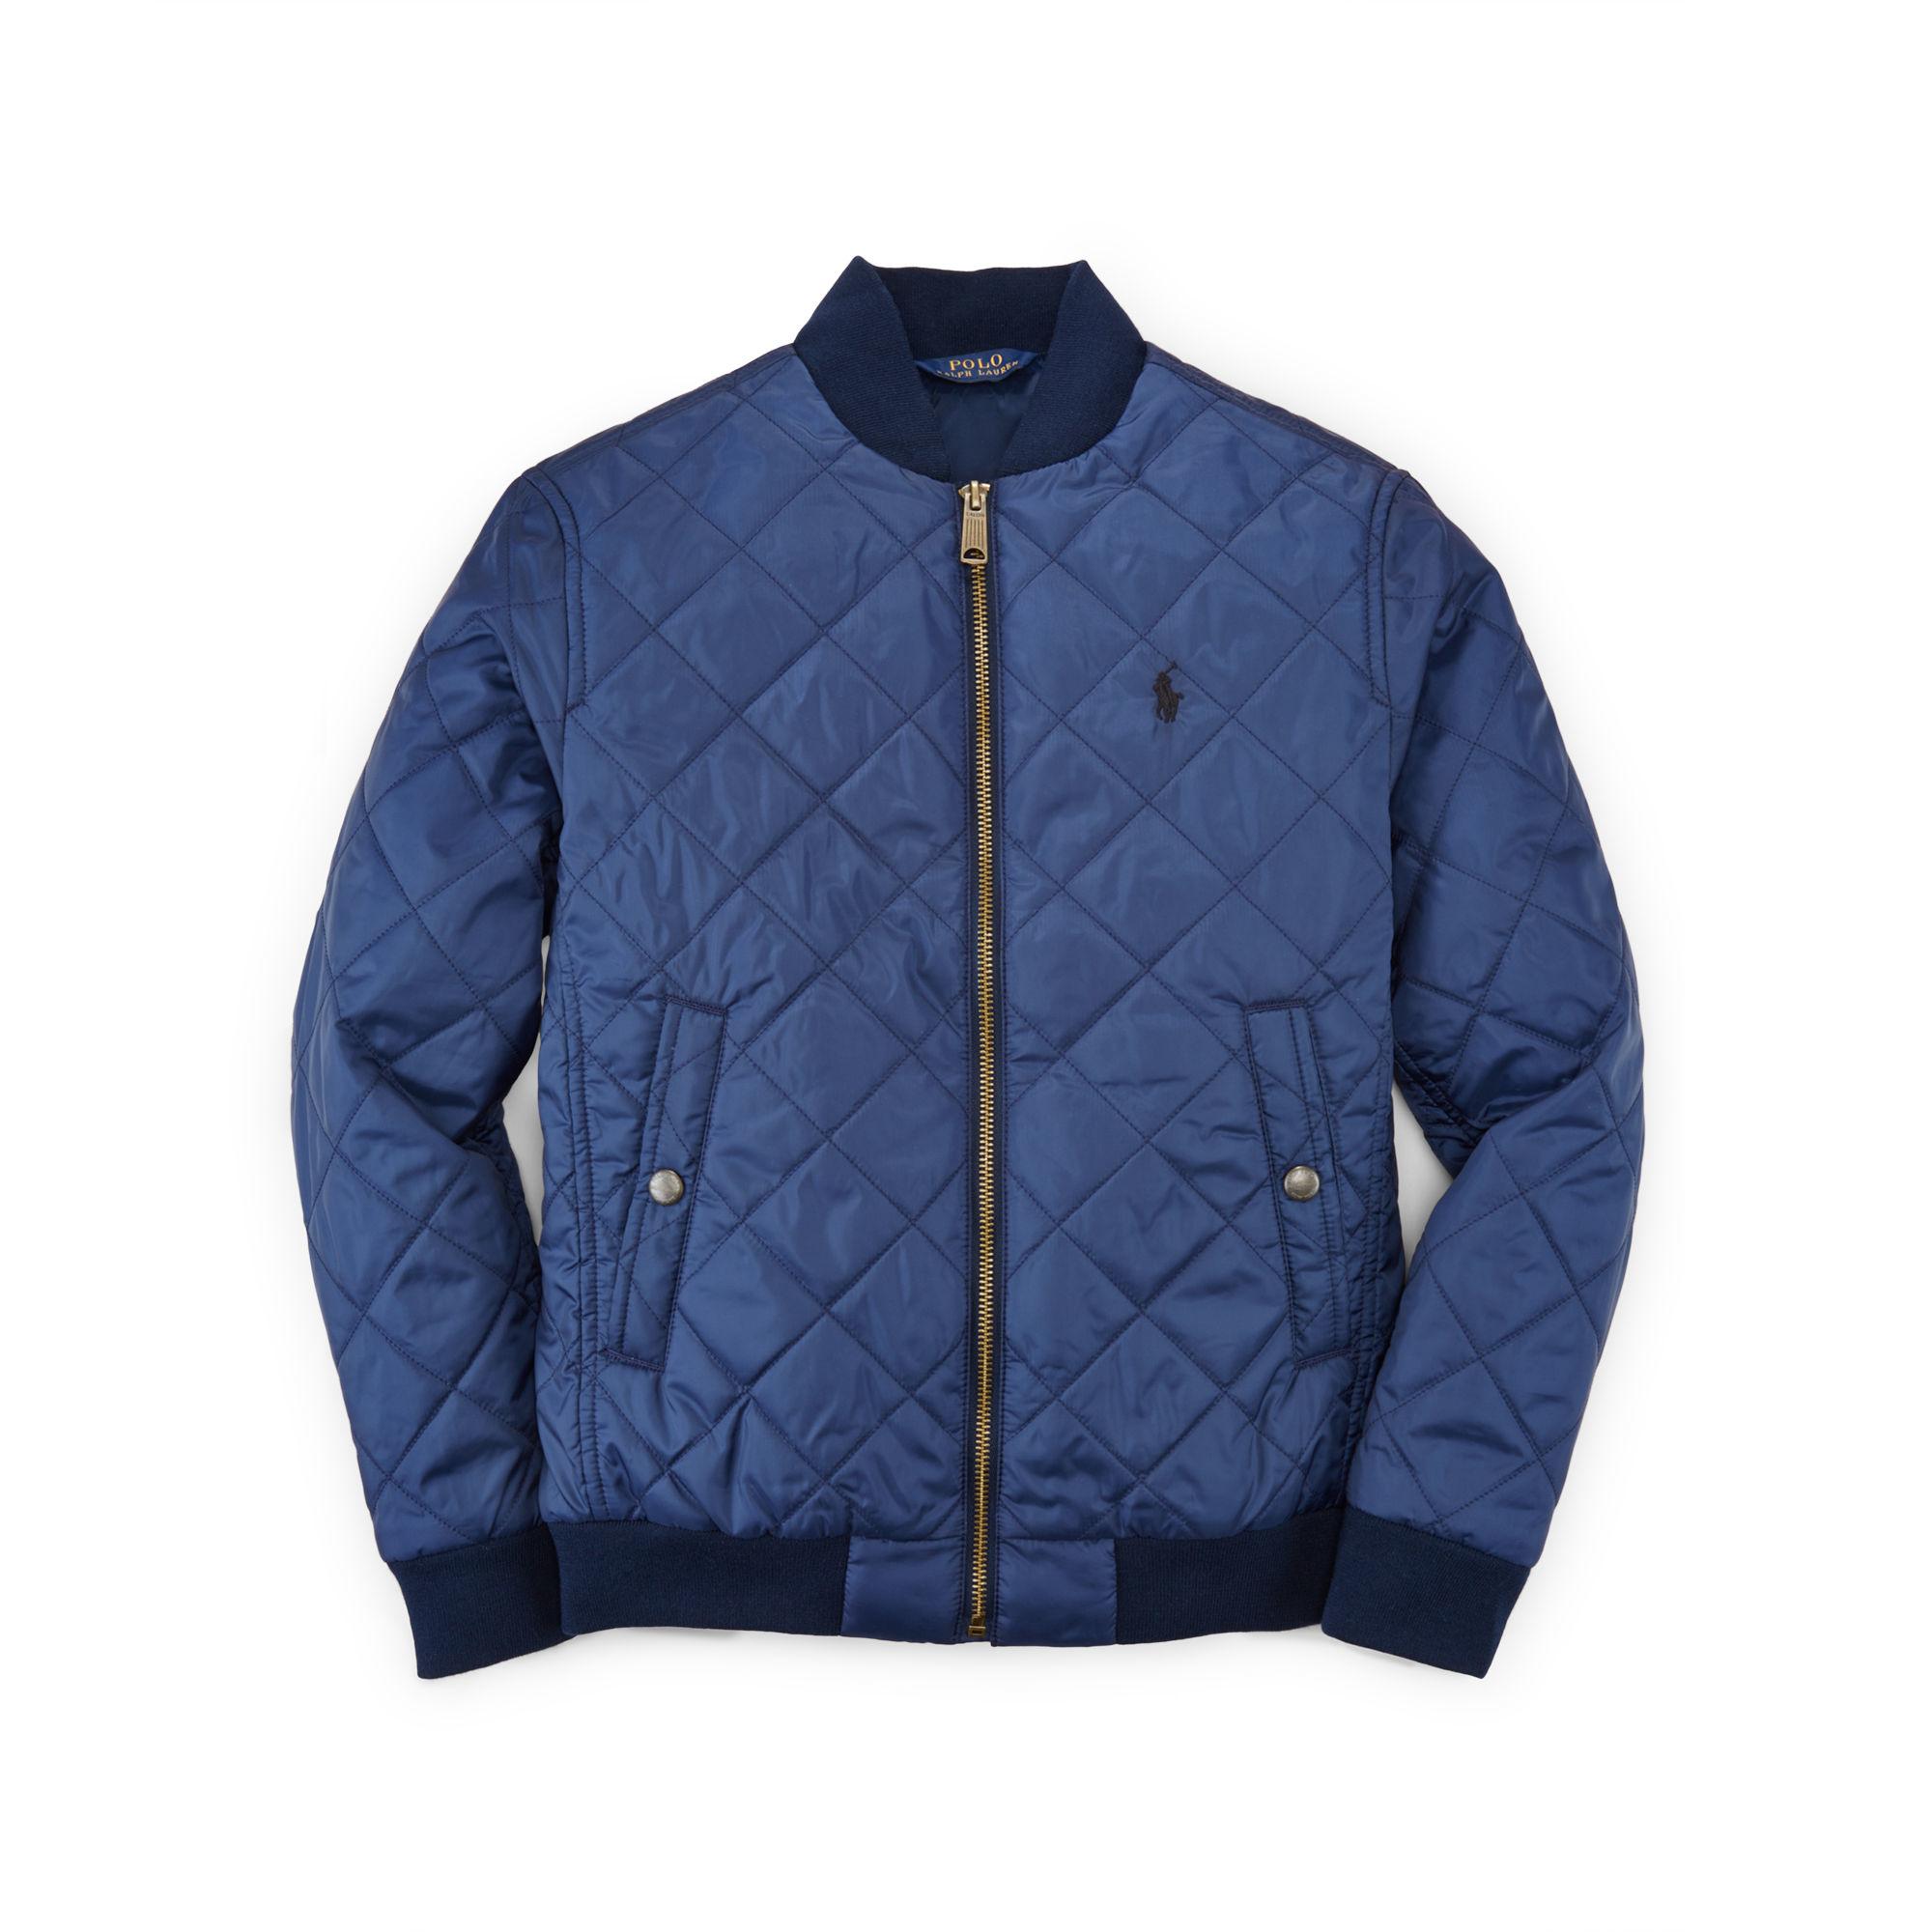 quilted gentlemen lowerdale vest lauren ralph style pin mens j crew barbour quilt jacket